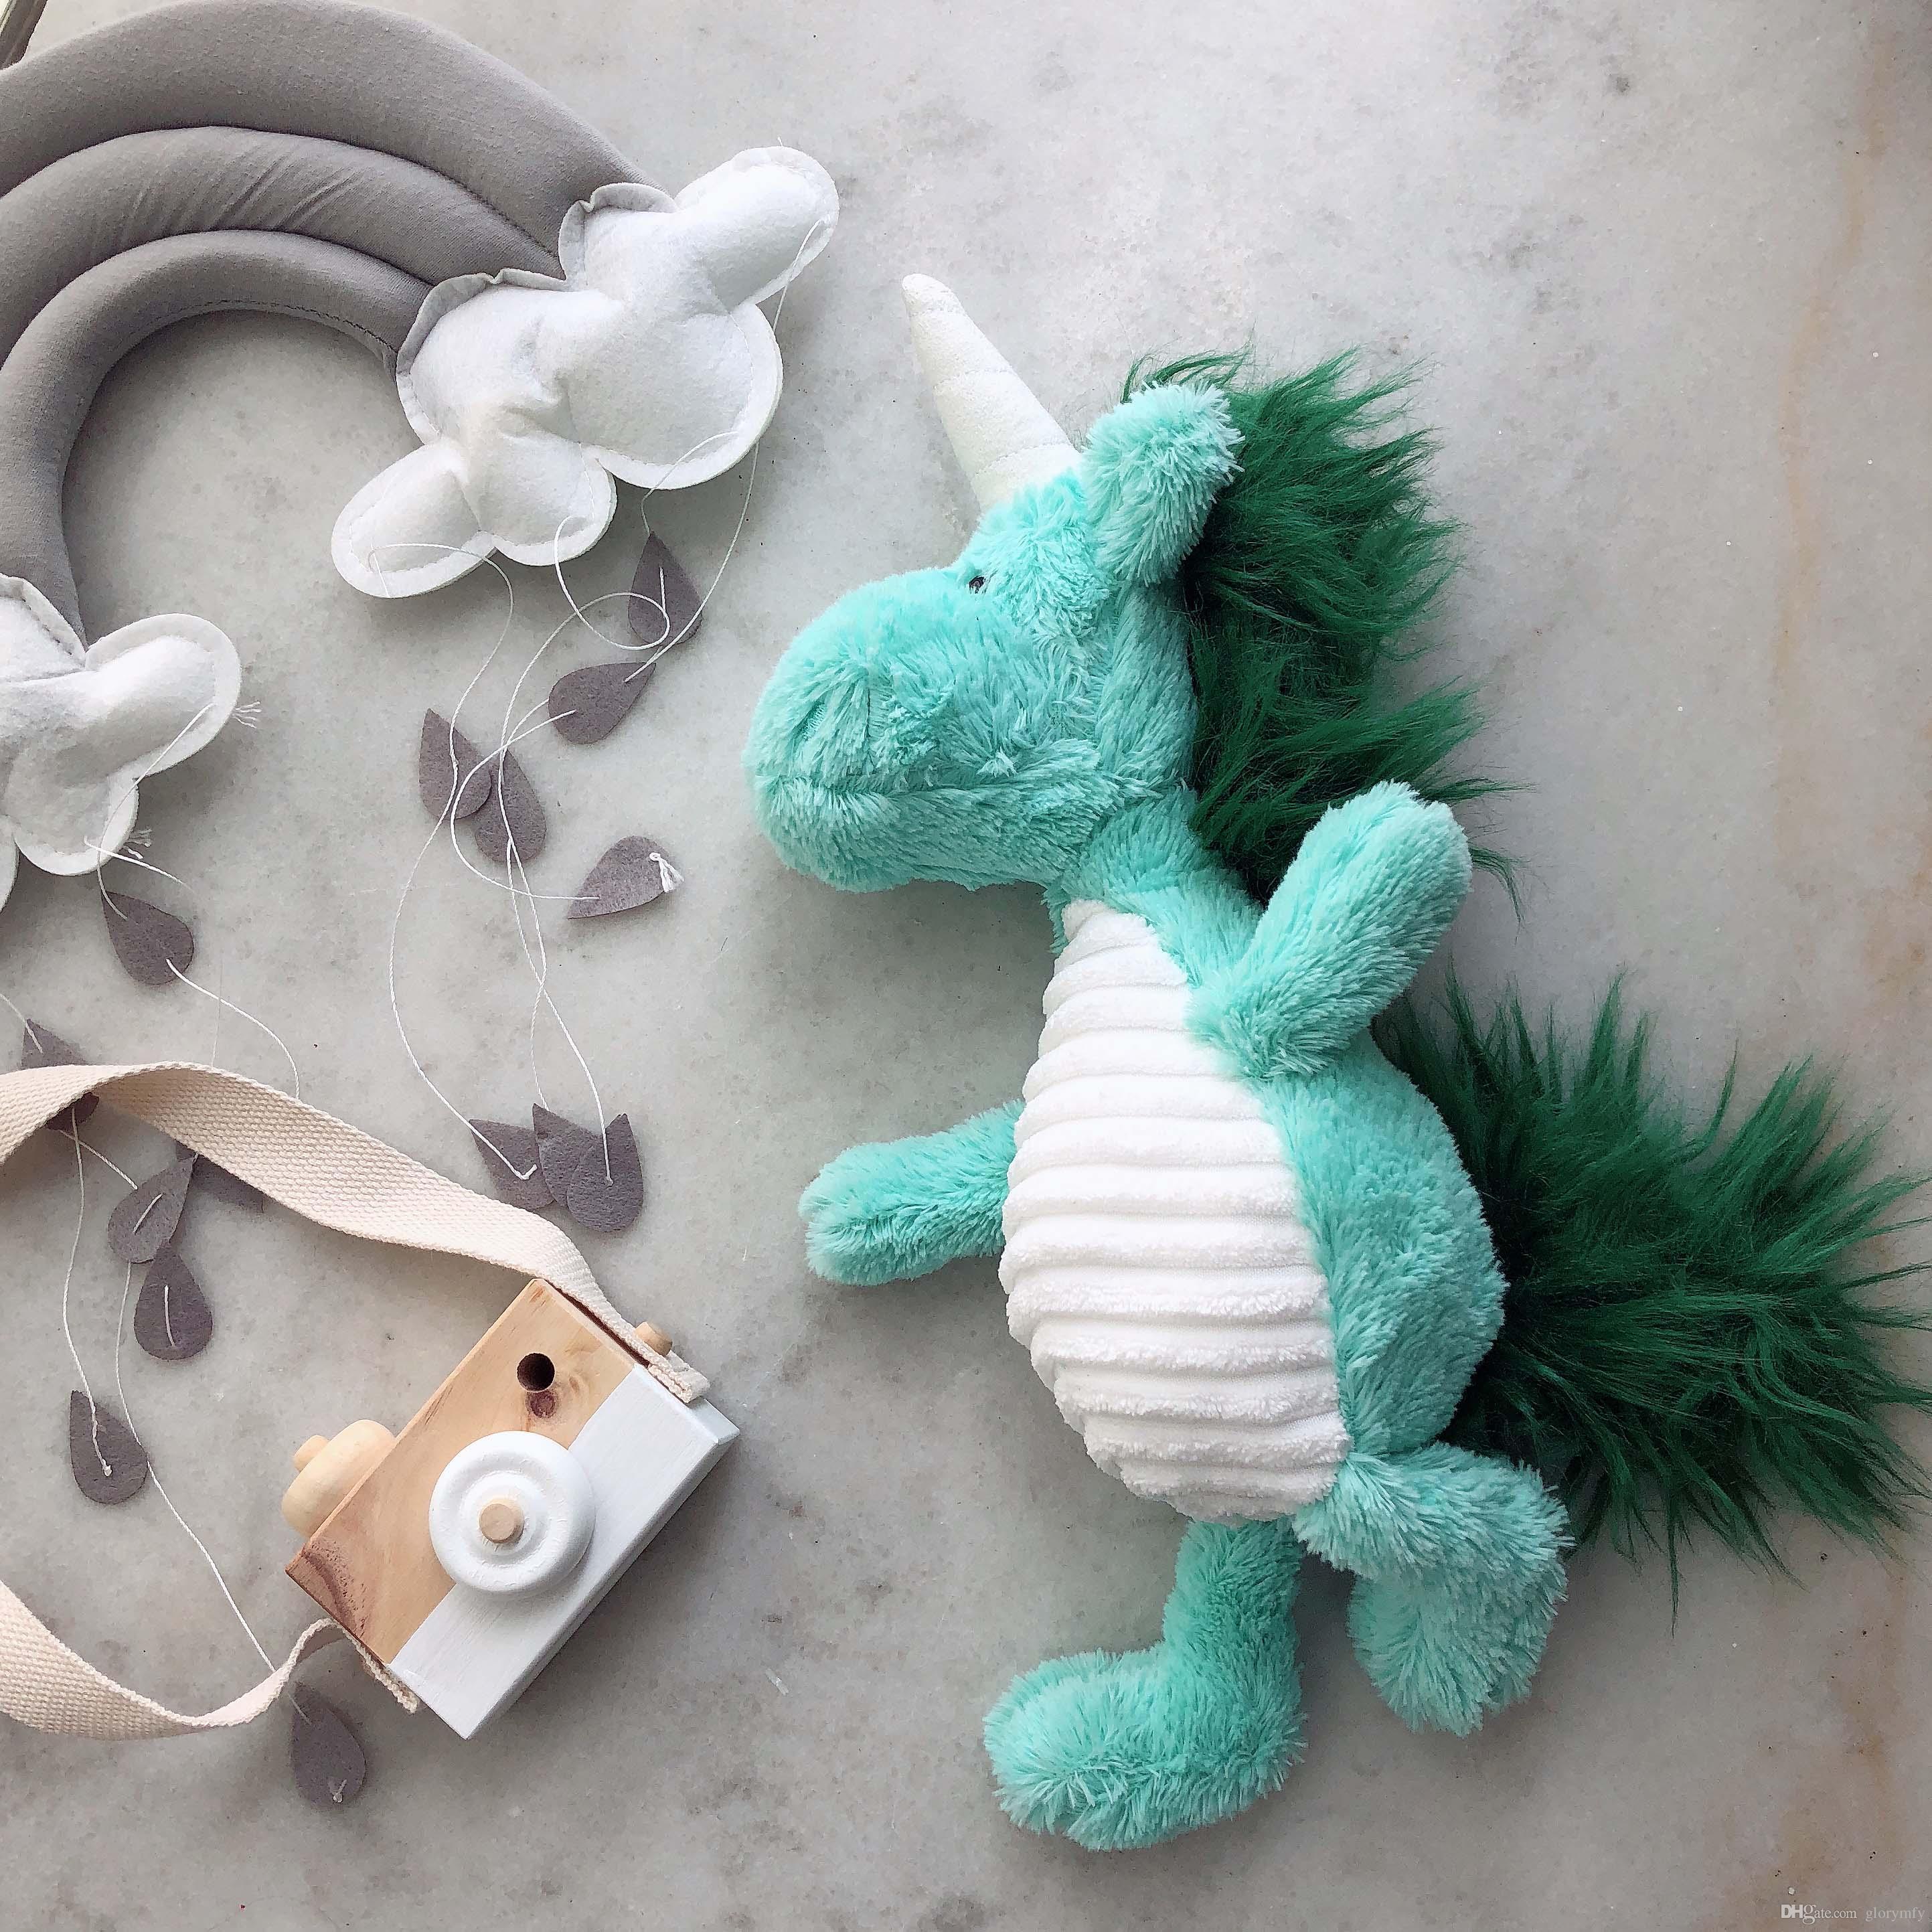 İskandinav rüzgar küçük taze nane yeşil unicorn bebek kız kalp peluş oyuncak Süs ucuz oyuncaklar çocuk Oyuncakları doğum günü bebek kız hediye dekorasyon